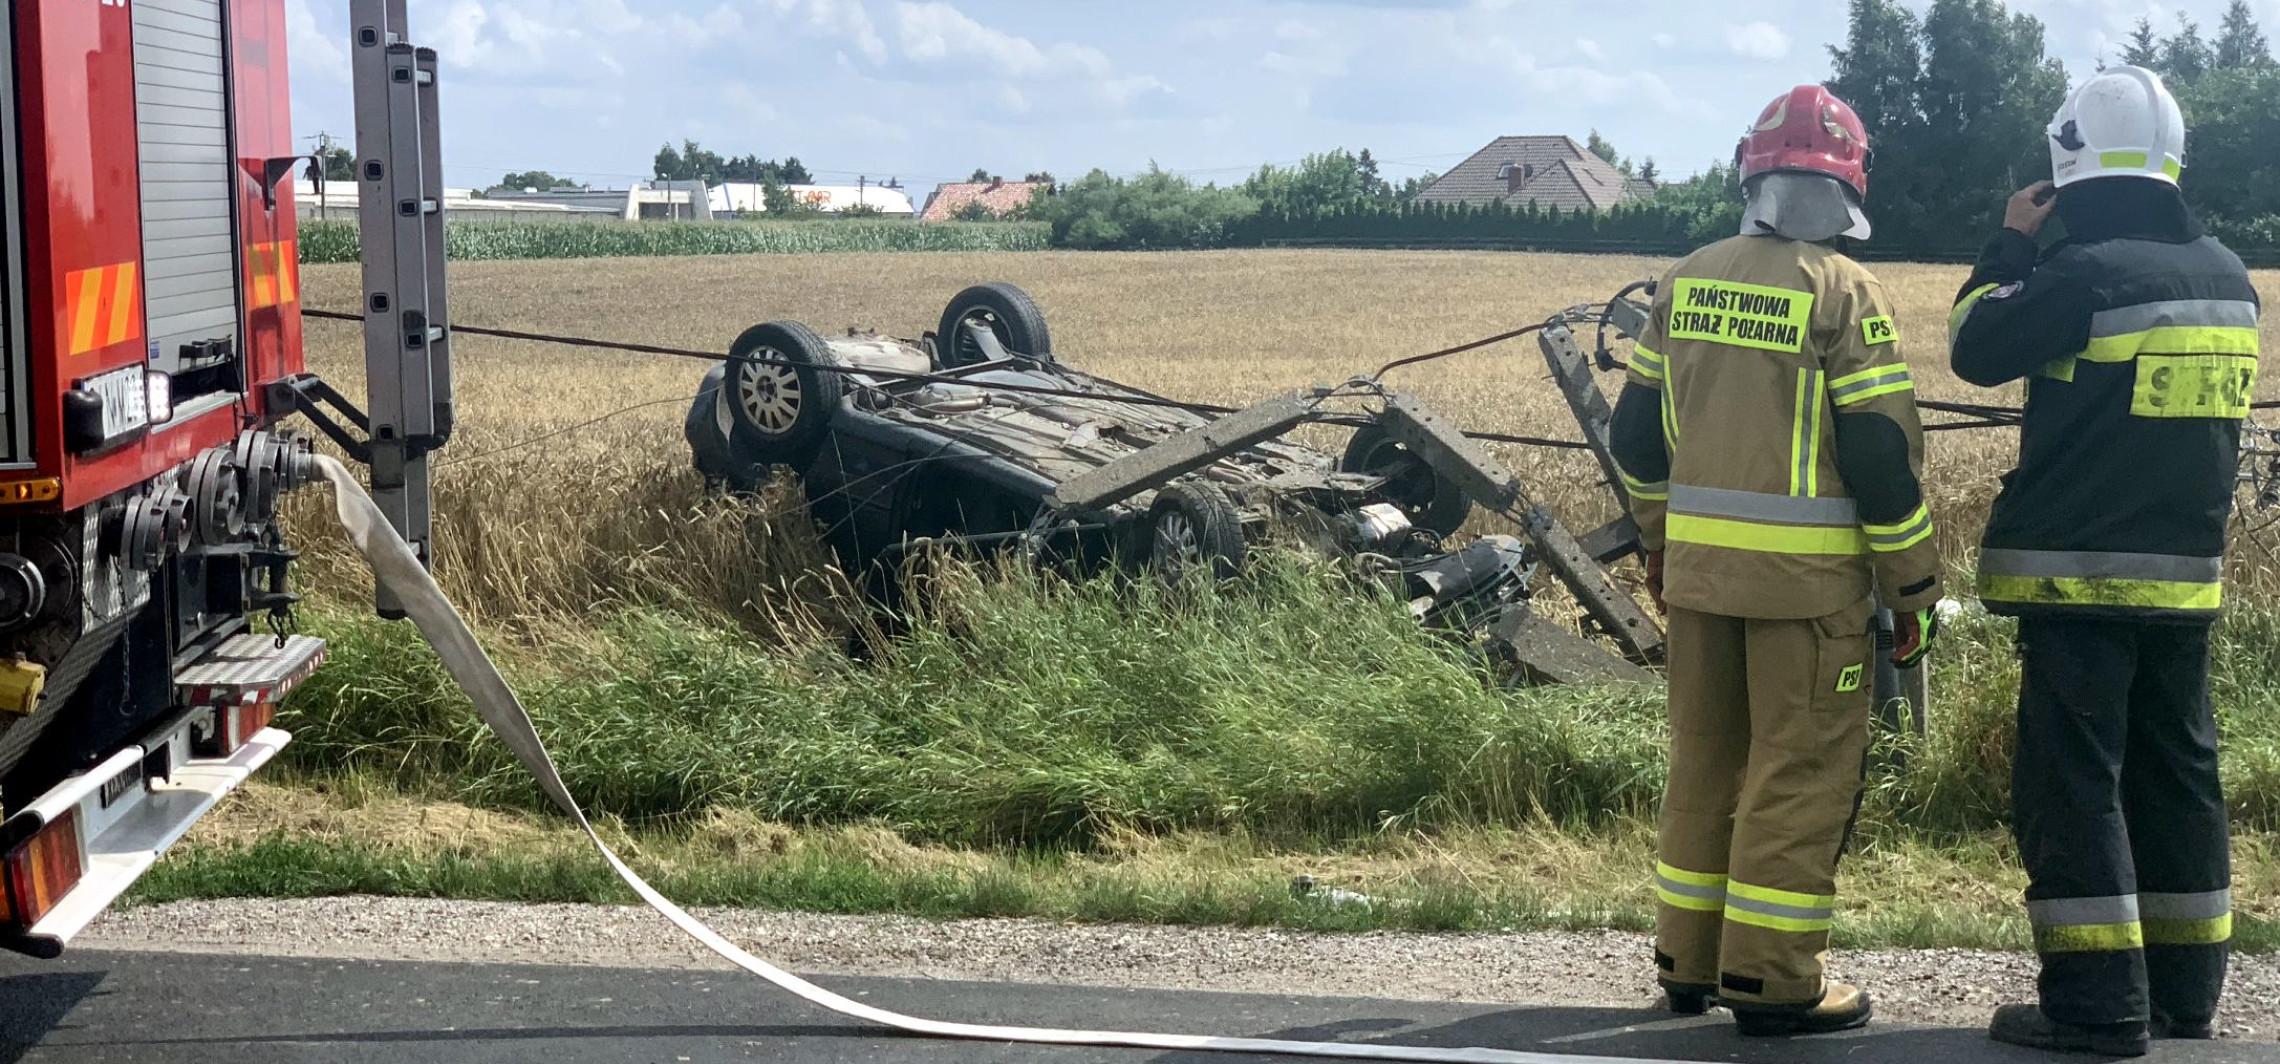 Inowrocław - Wypadł z drogi i uderzył w słup. Kraksa w Jacewie